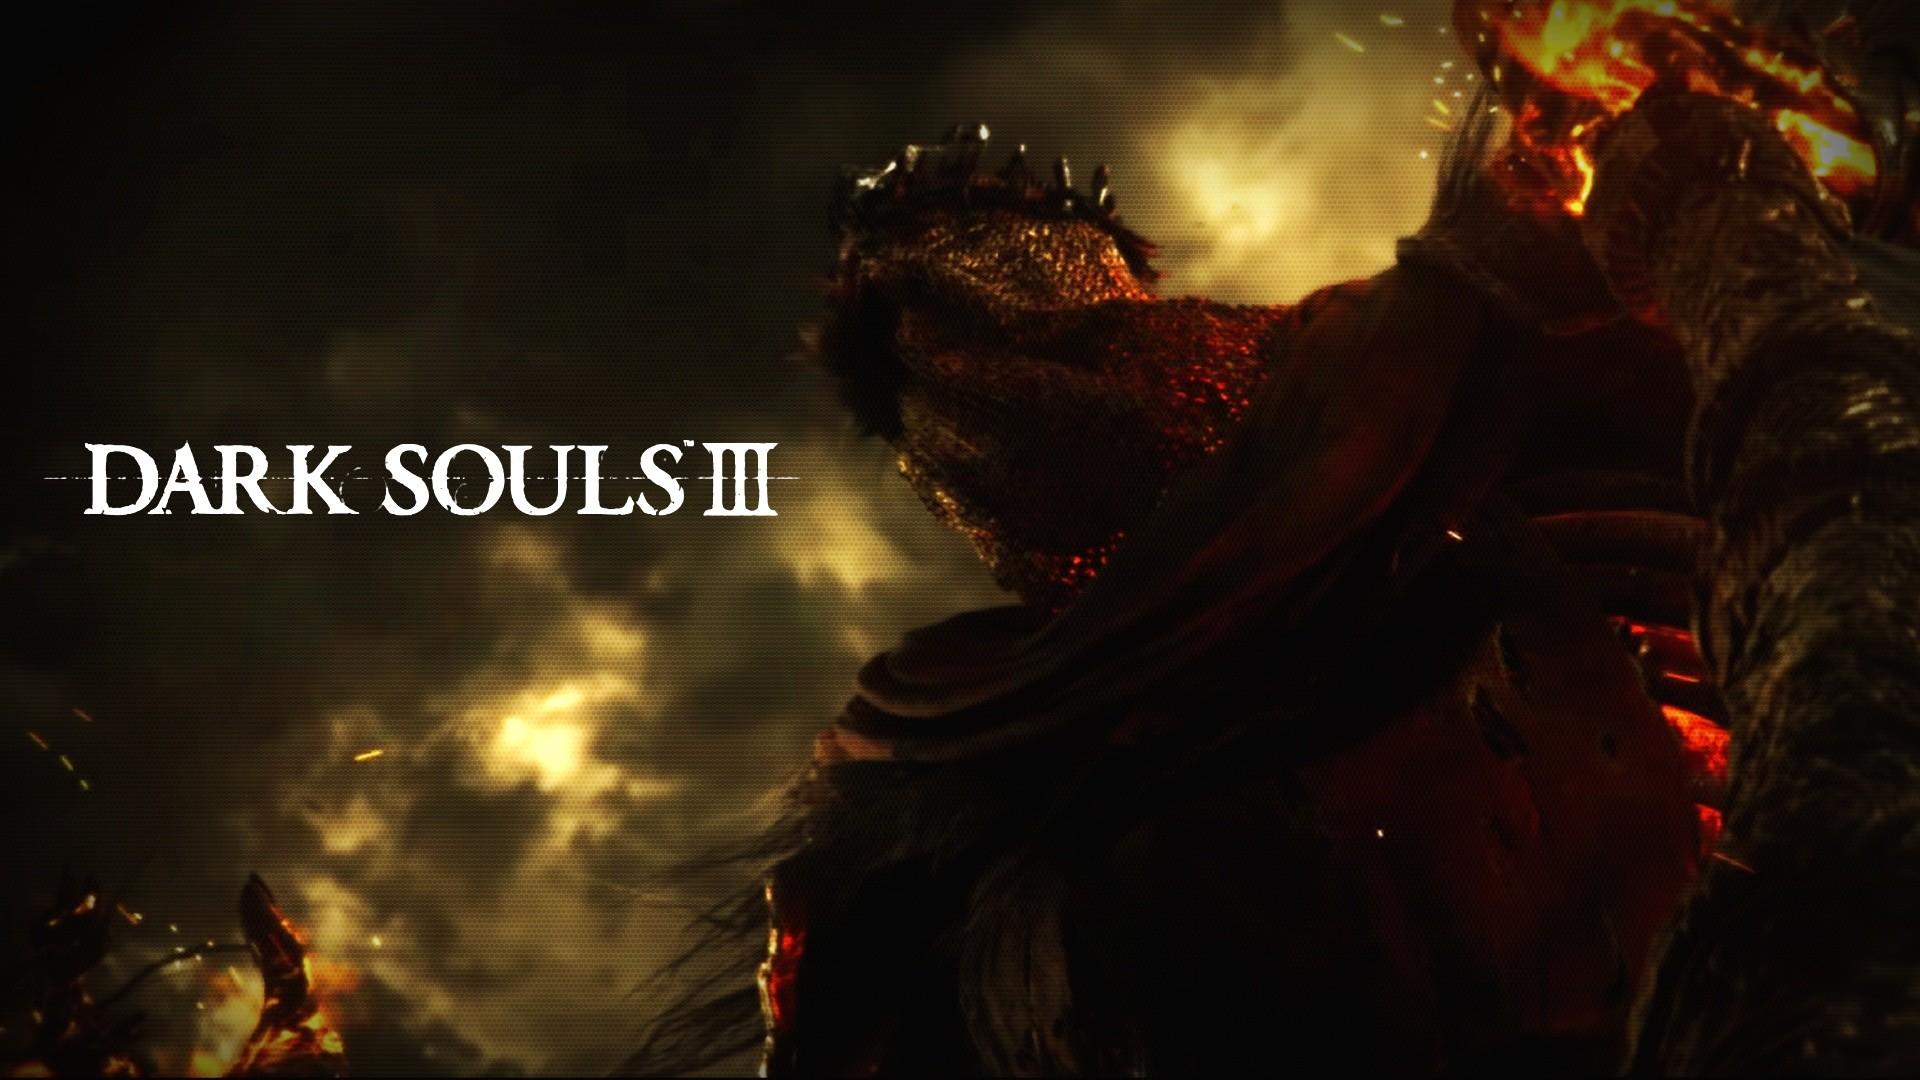 … Dark Souls III Wallpaper 4 by DrAlucard